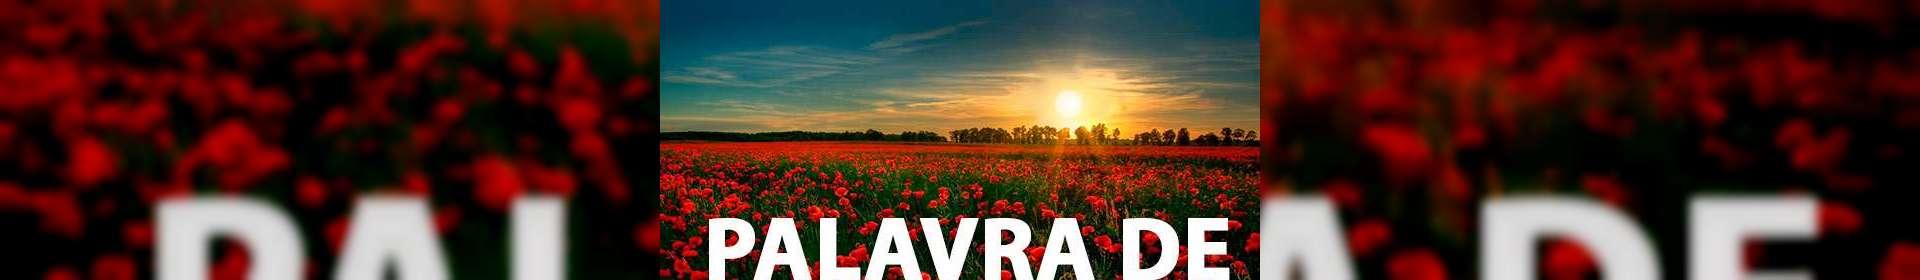 Isaías 4:6 - Uma Palavra de Esperança para sua vida